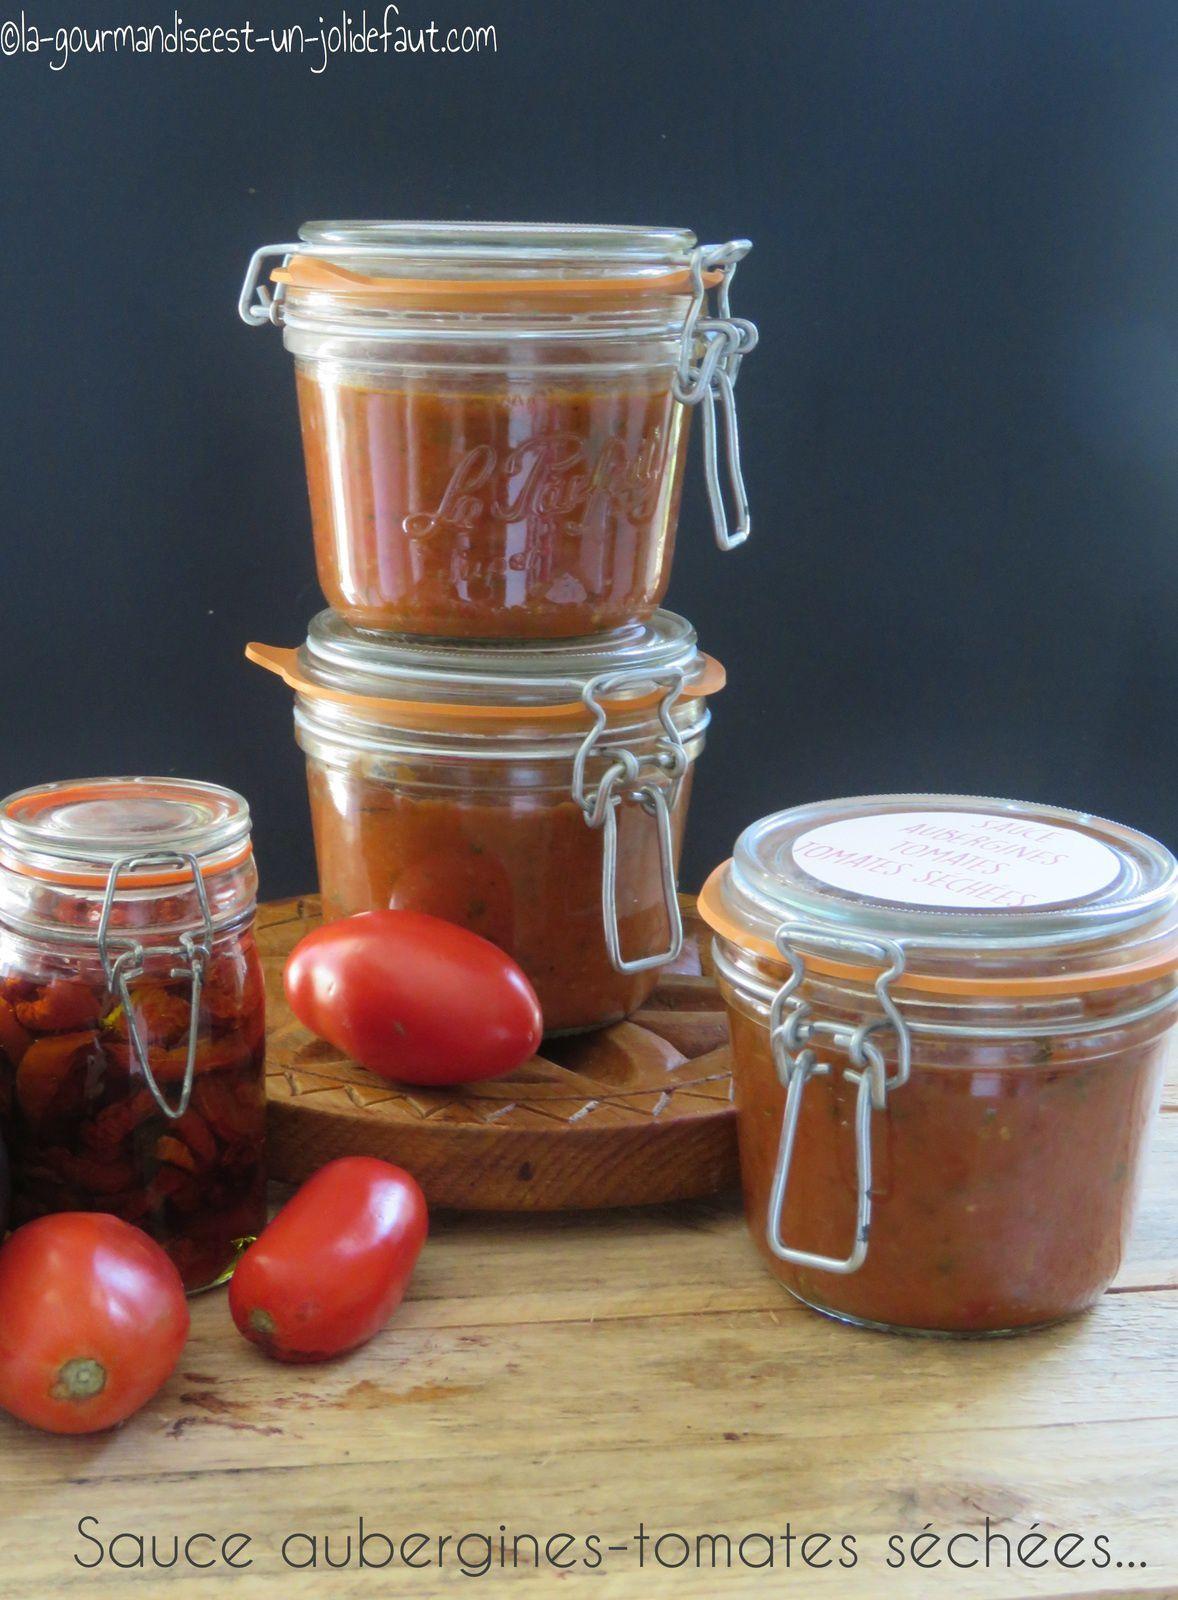 Sauce aubergines-tomates séchées en bocaux